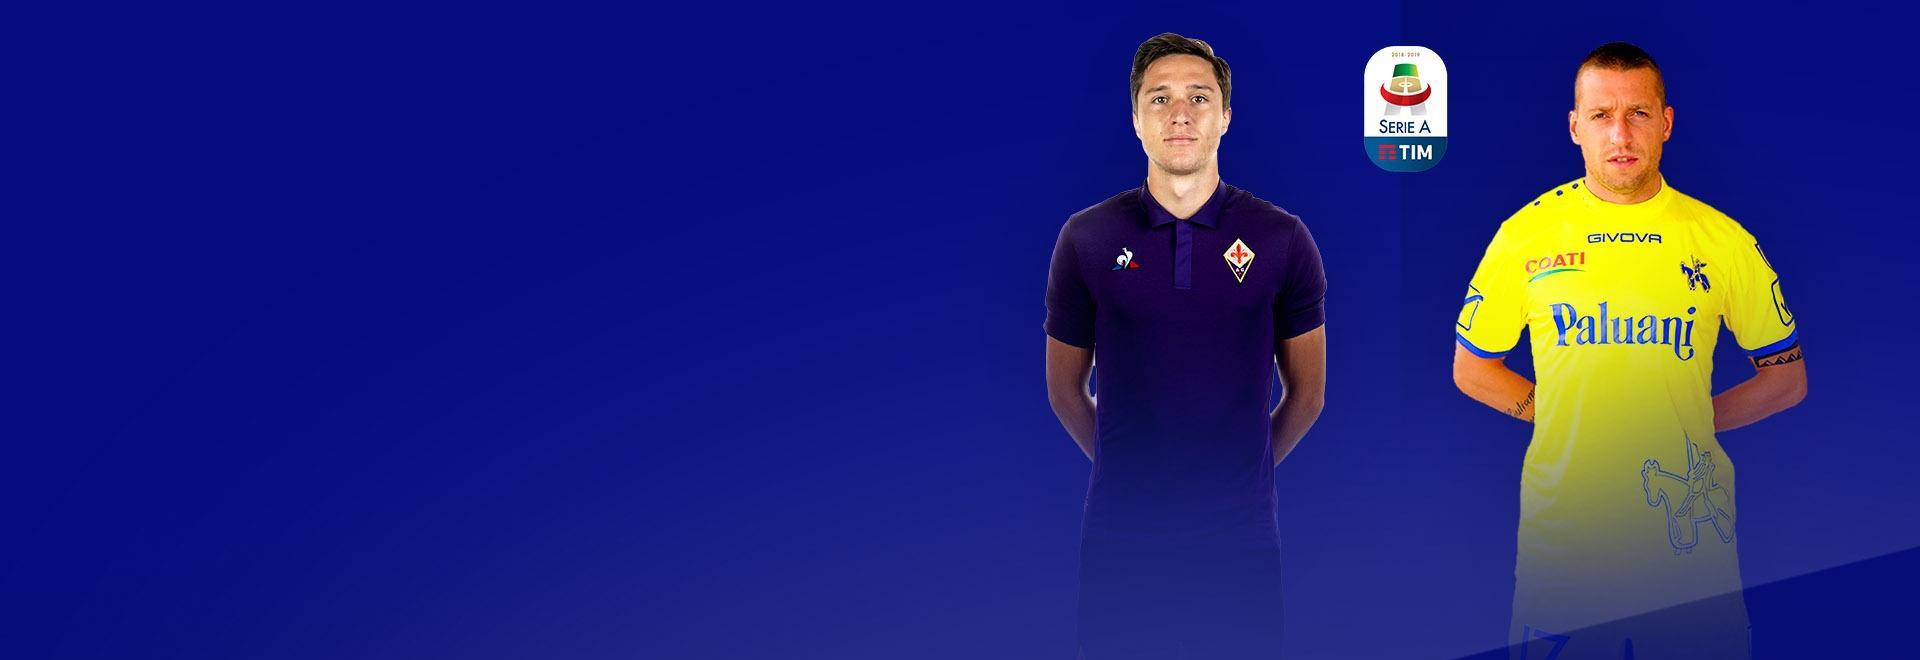 Fiorentina - Chievo. 2a g.